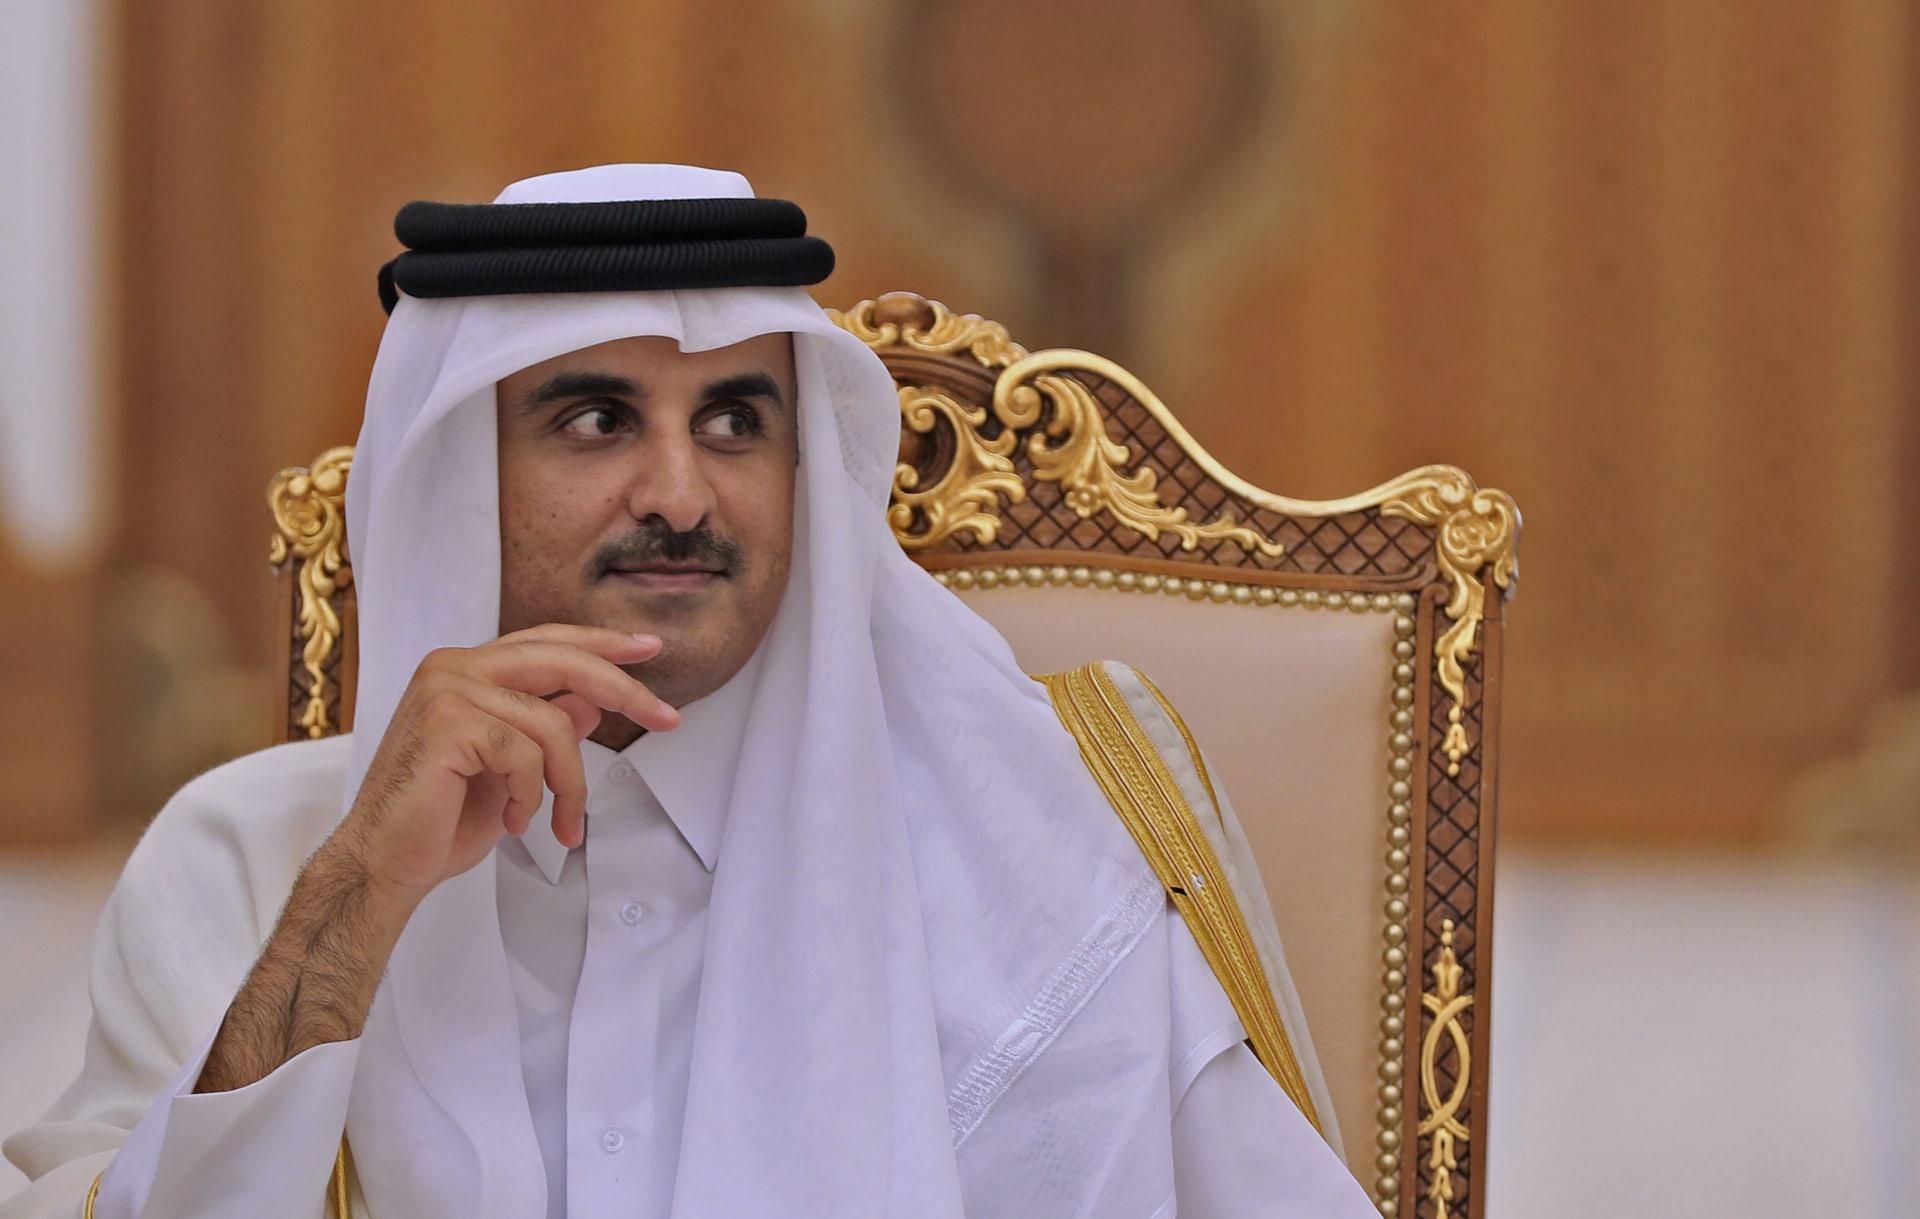 أمير قطر أمام مجلس الشورى: الحصار عزز صمودنا وتخطينا آثاره السلبية